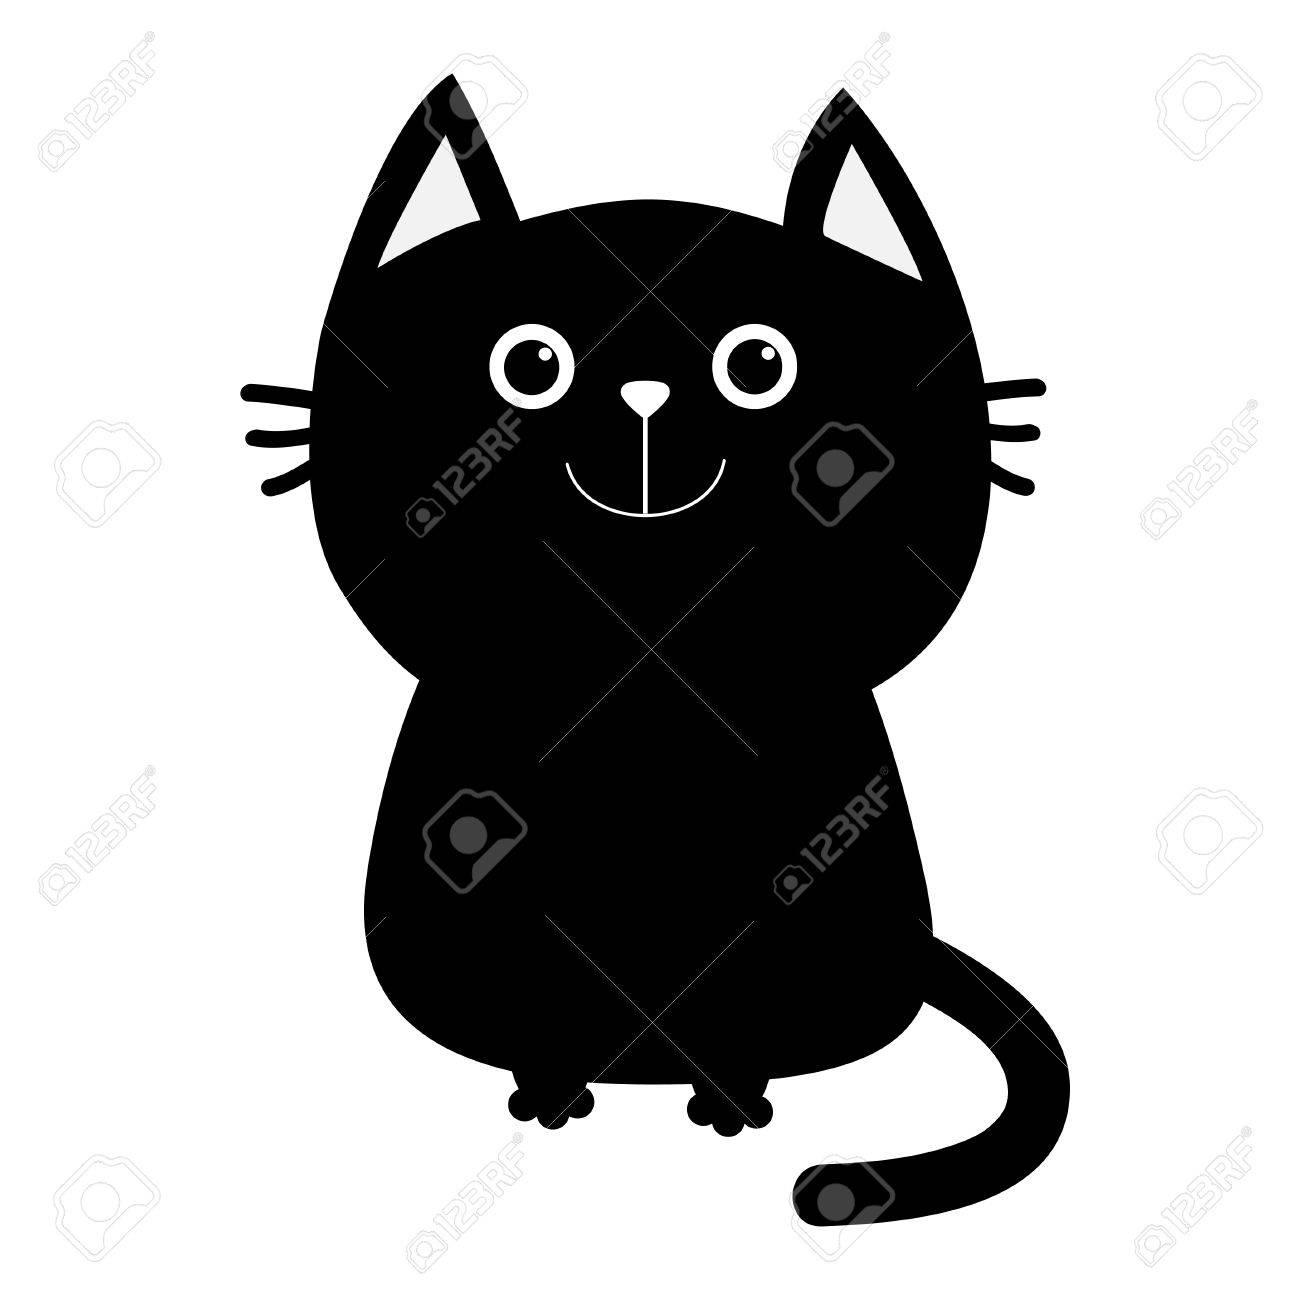 Icone De Chat Noir Personnage Souriant Mignon De Dessin Anime Drole